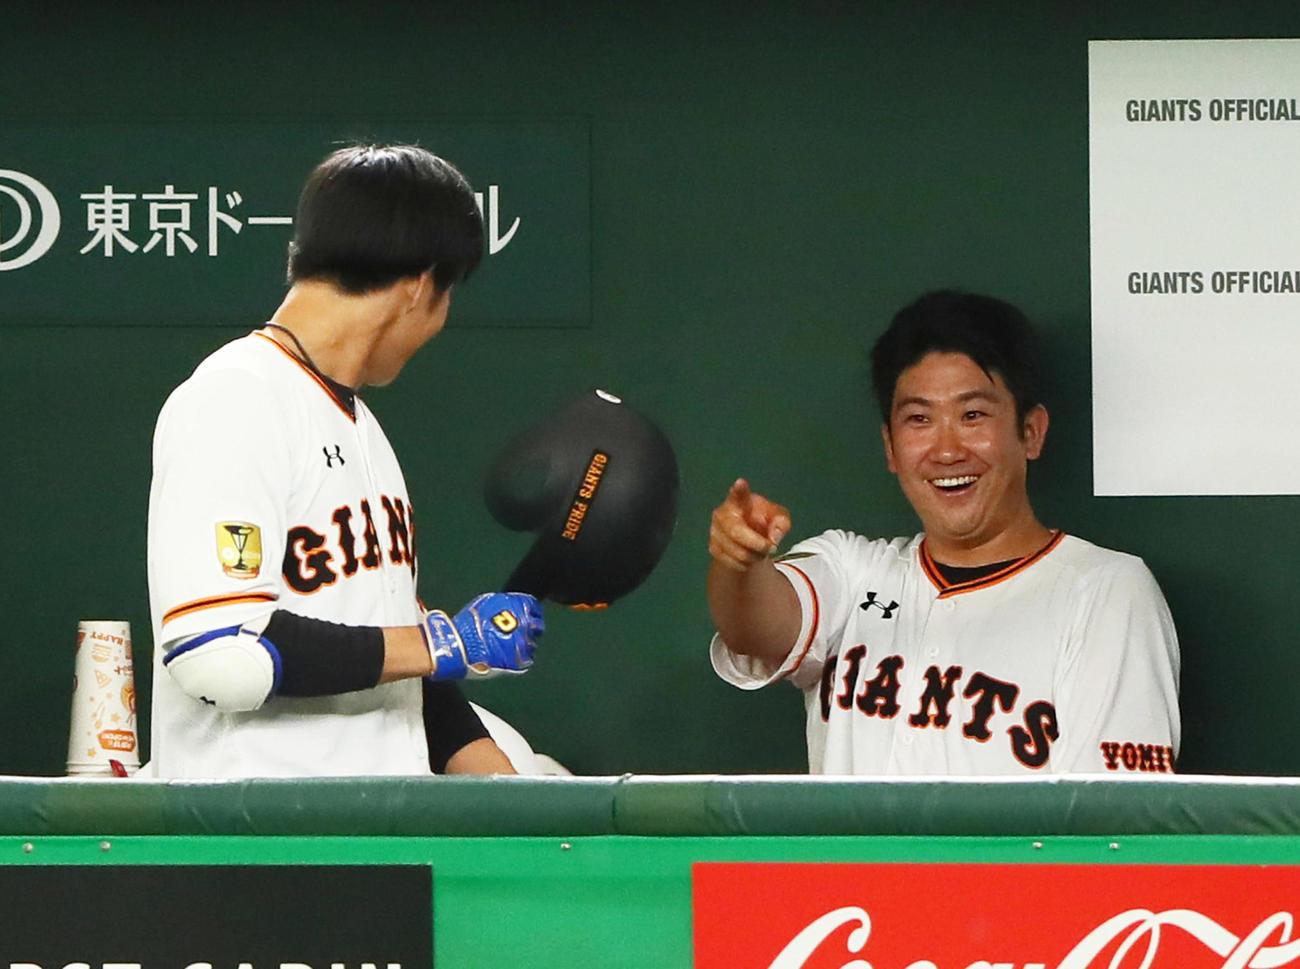 練習試合 巨人対西武 3回裏巨人無死、右越え本塁打を放った松原(左)を笑顔で指さし迎える菅野(撮影・足立雅史)